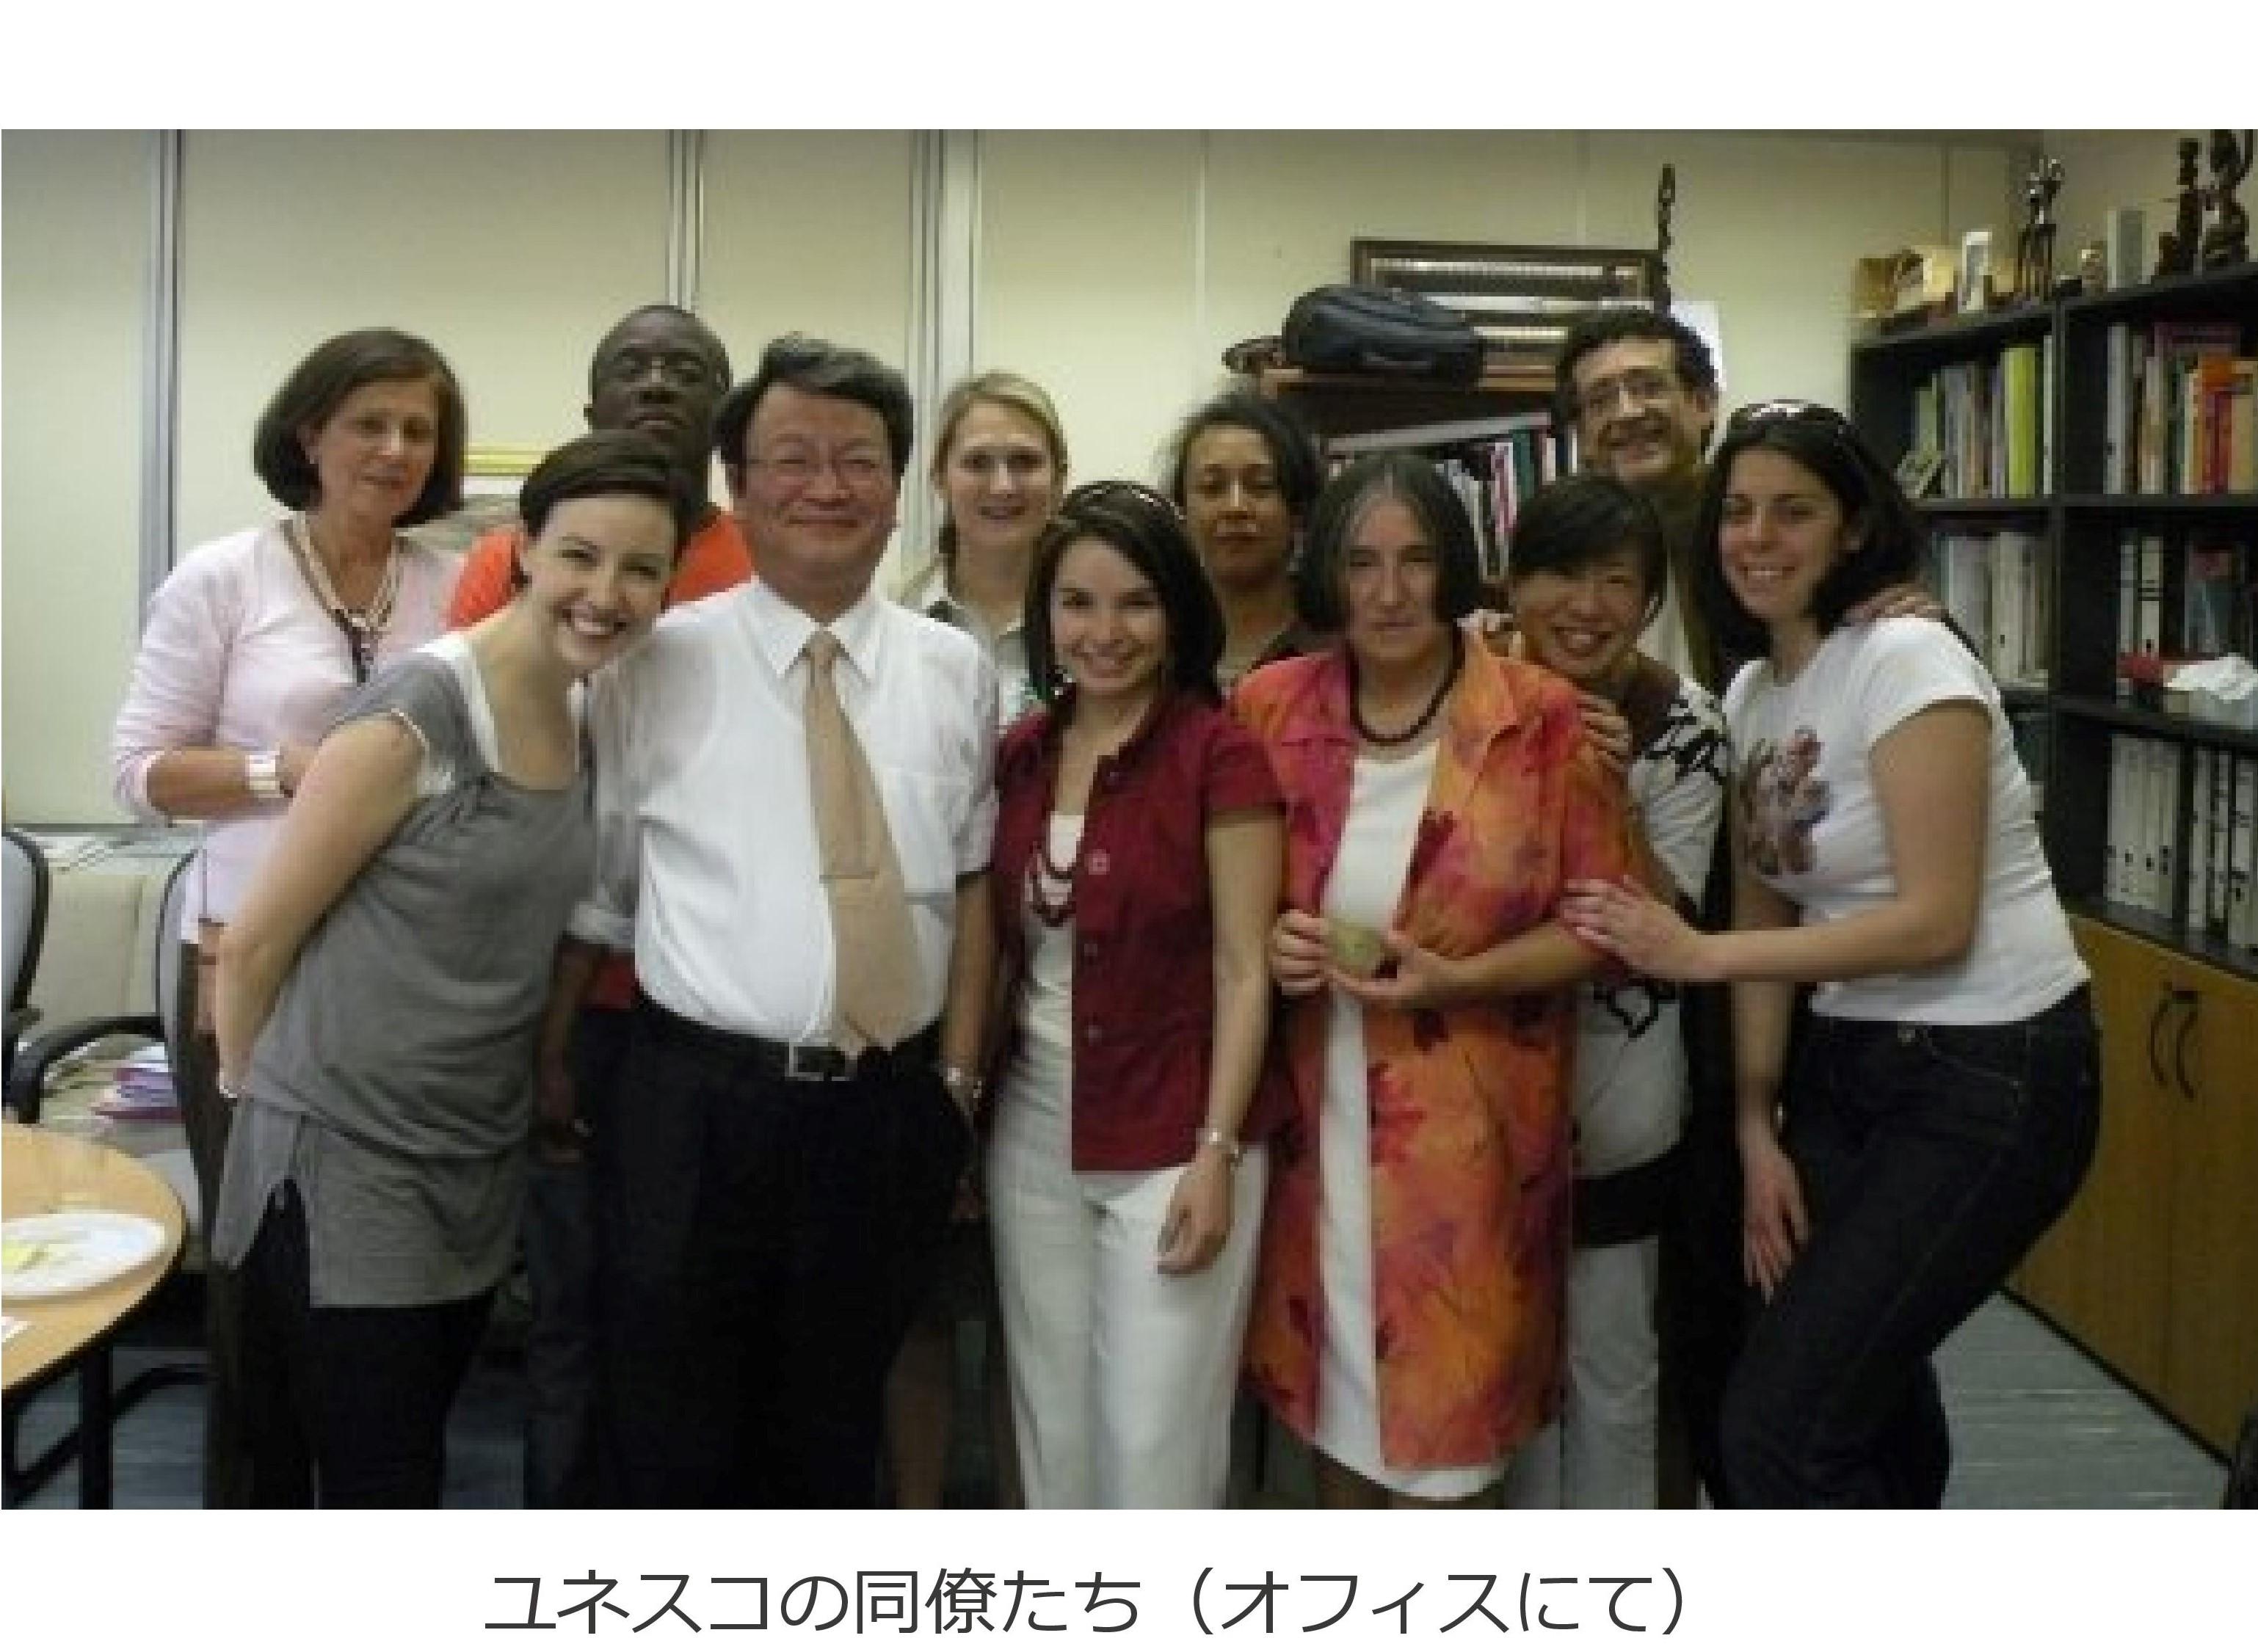 ユネスコの同僚たち(オフィスにて)